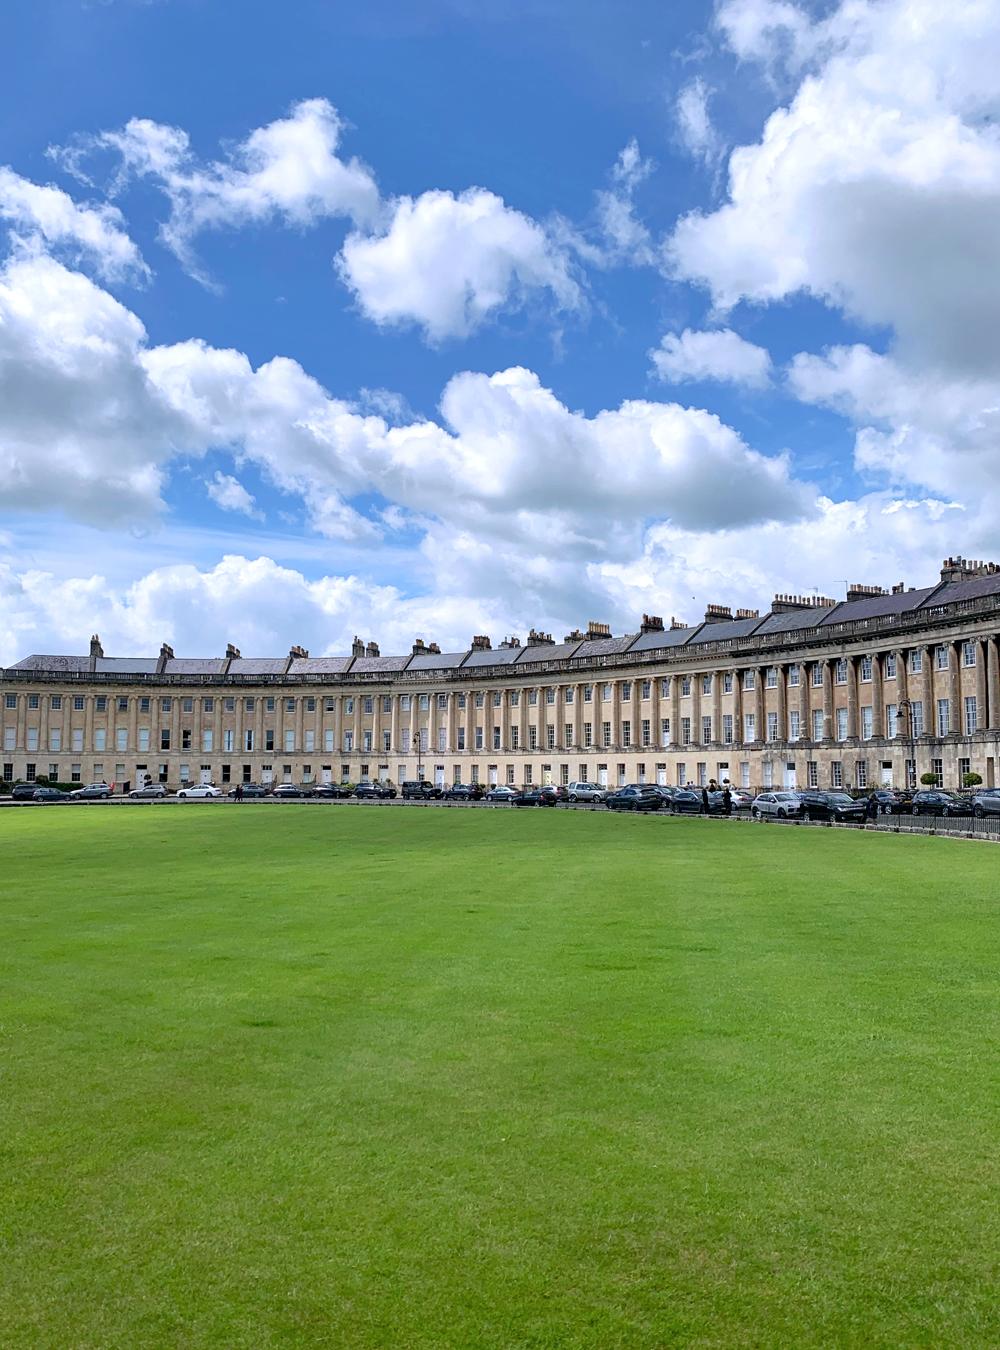 Bath Royal Crescent, UNESCO World Heritage Site - Emma Louise Layla, UK travel & lifestyle blog